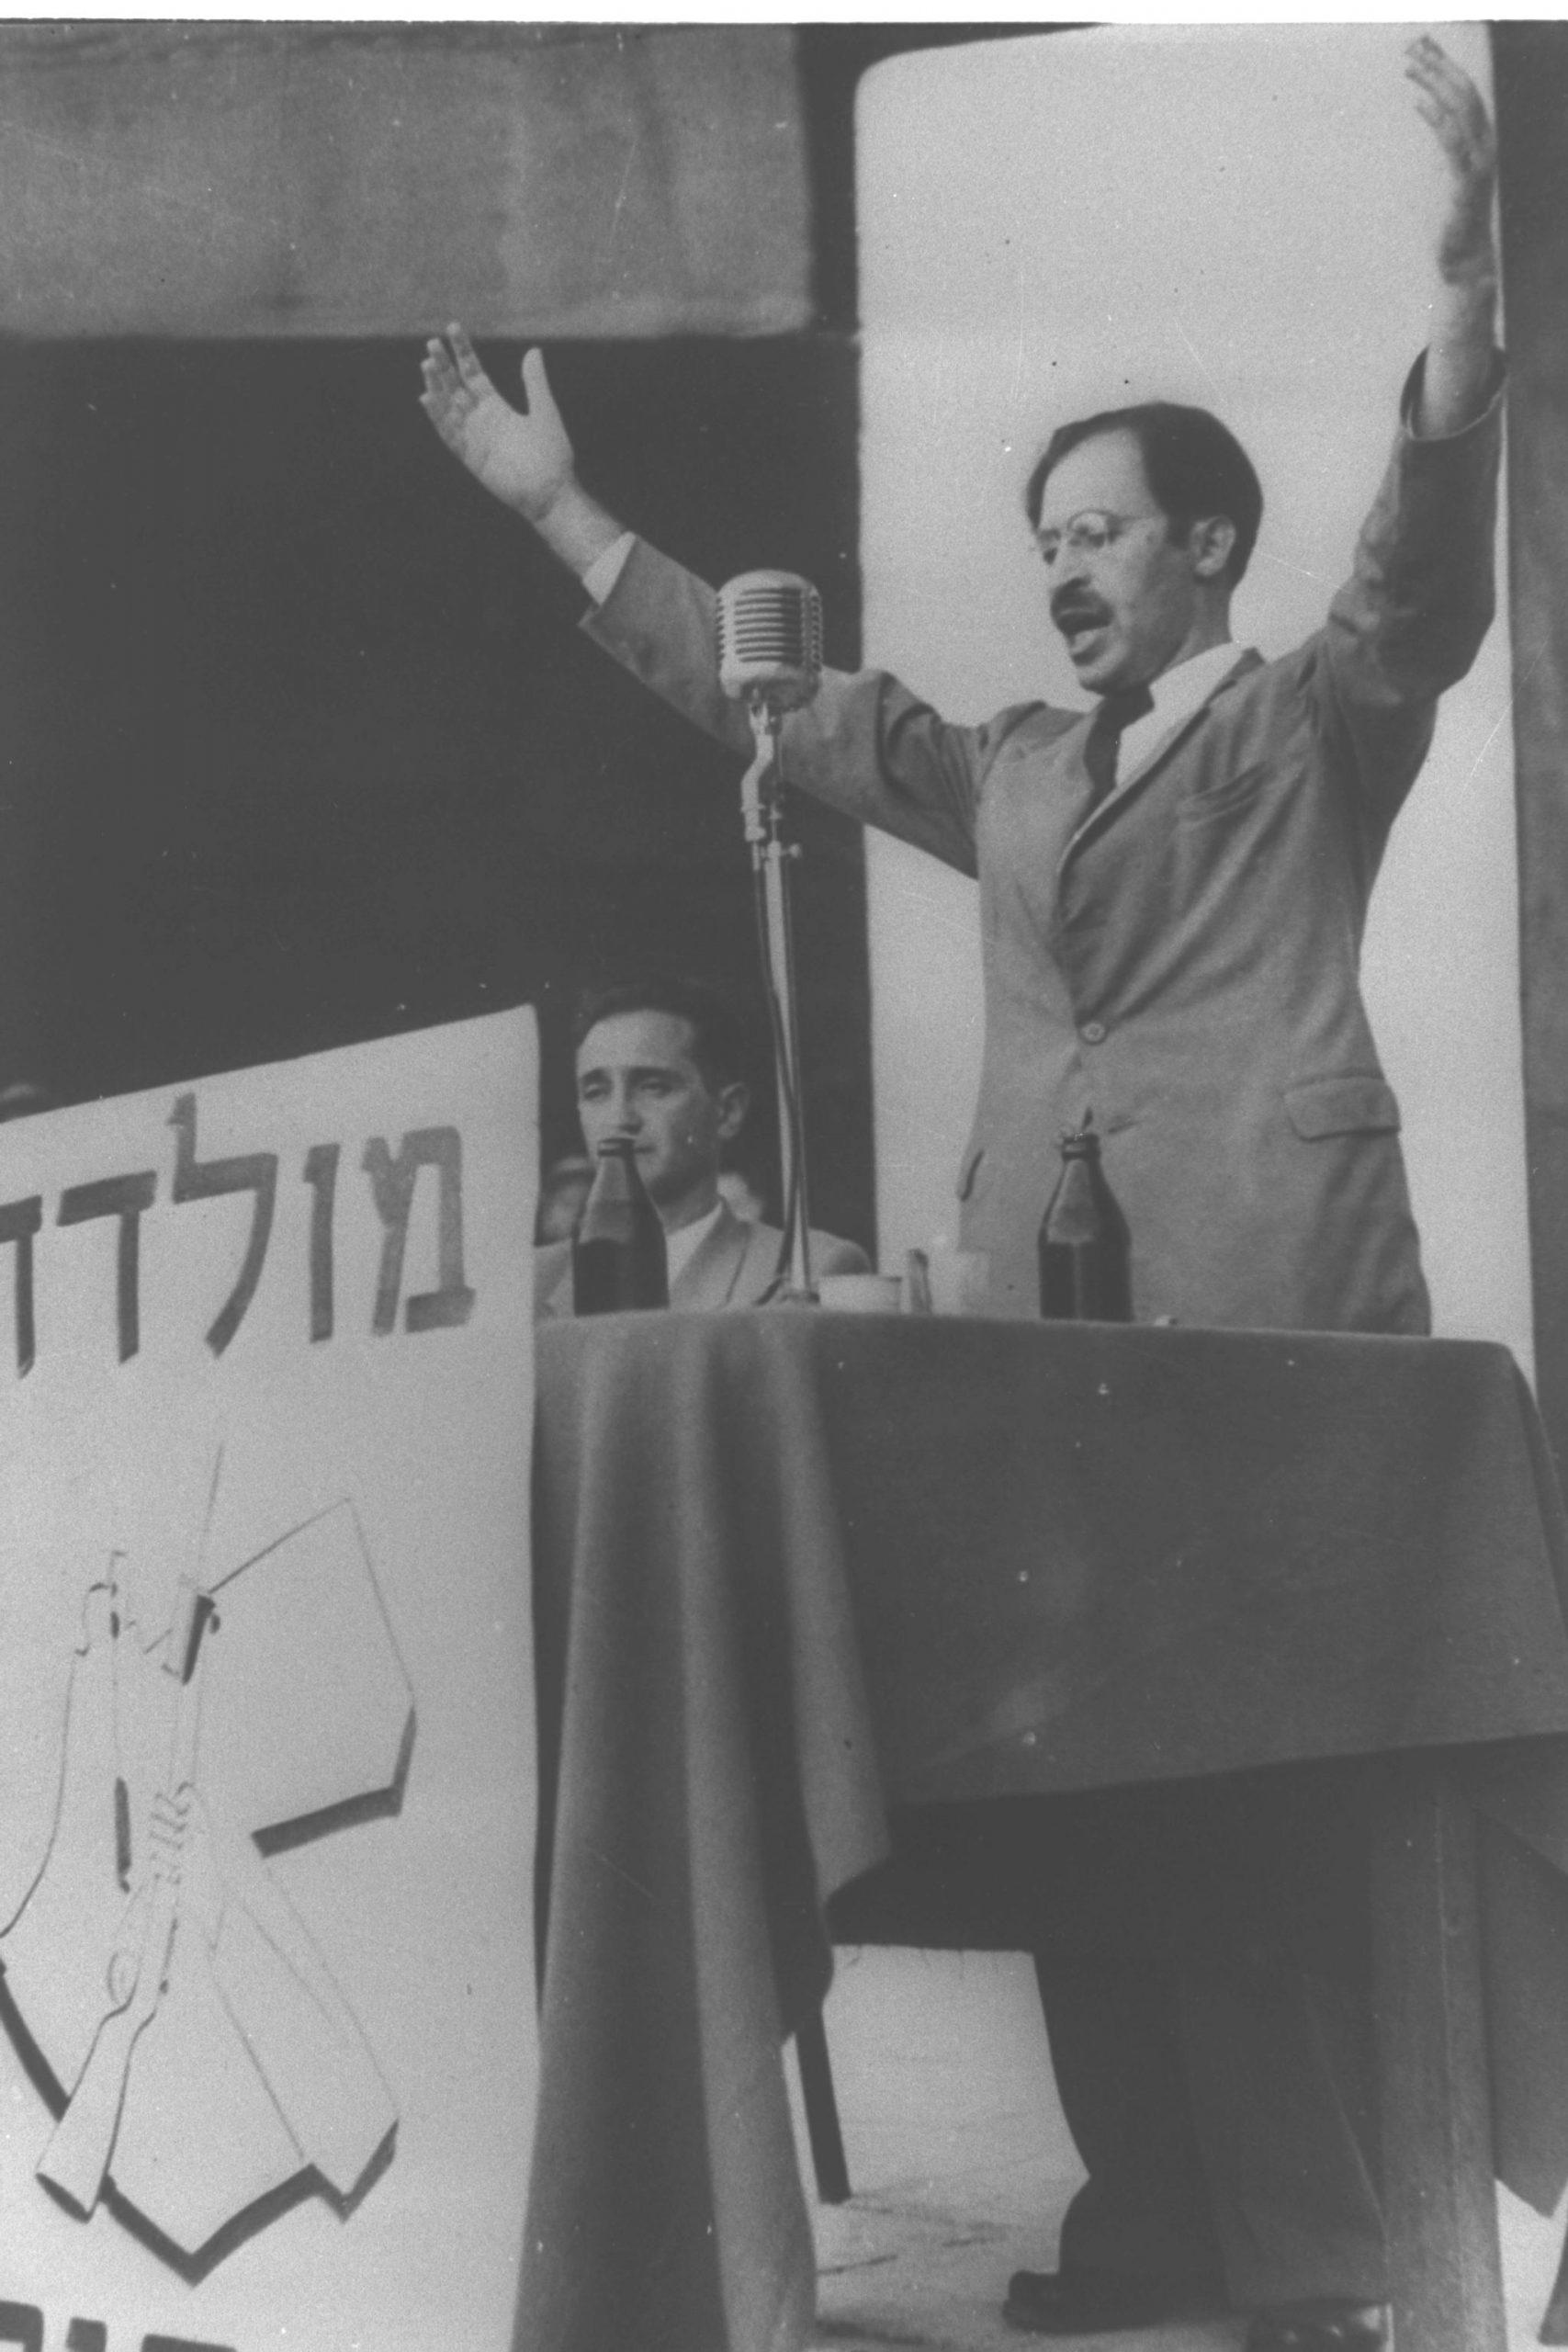 בגין נואם לאחר יציאתו מהמחתרת, ב-14 באוגוסט 1948, בתל אביב. יושב לידו חיים לנדאו. מלפניו הכתובת